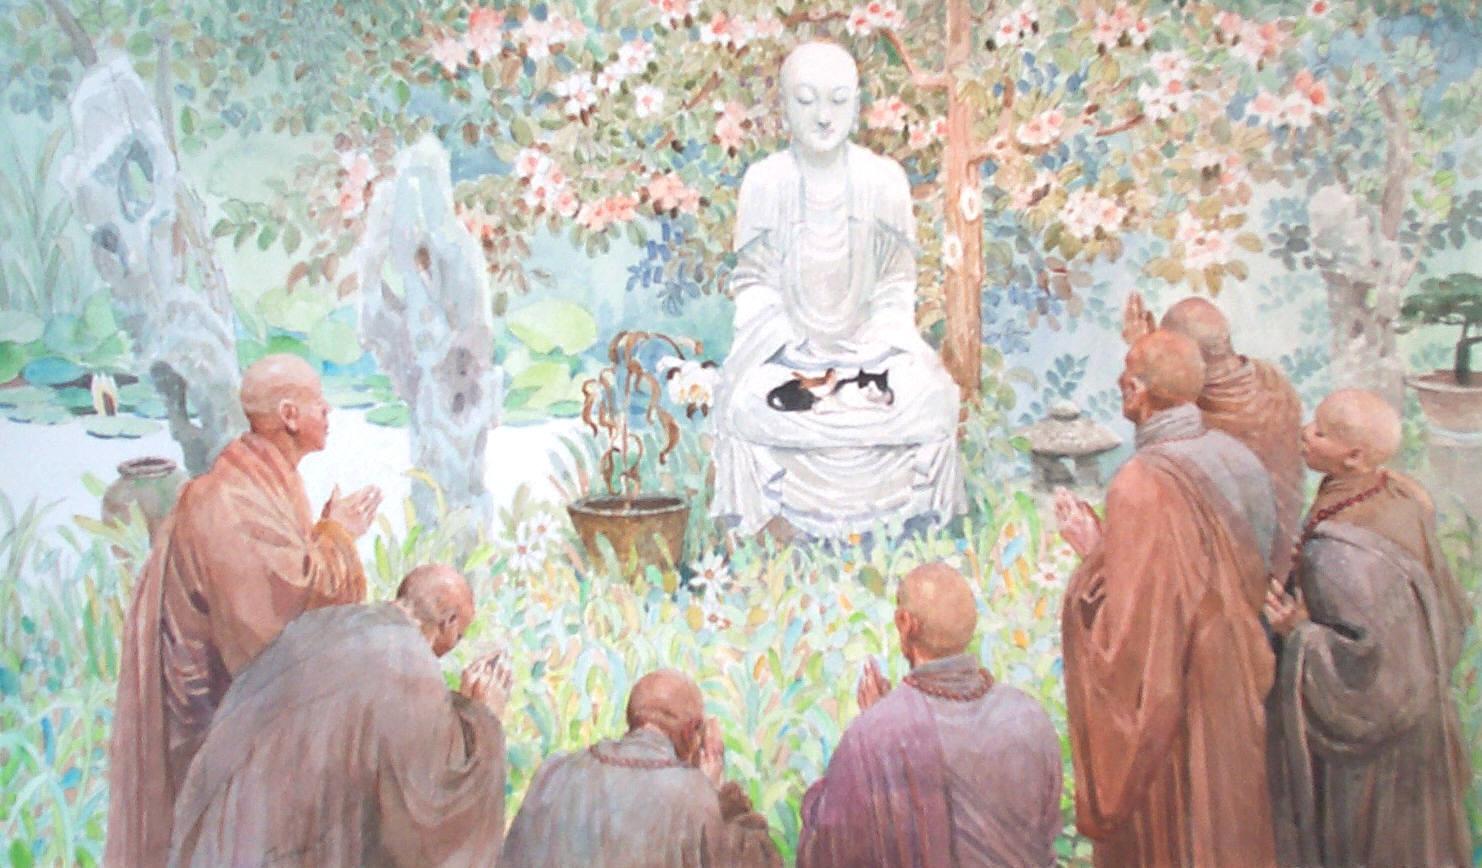 黄钟扬绘画 - 欢乐岛的日志 - 网易博客